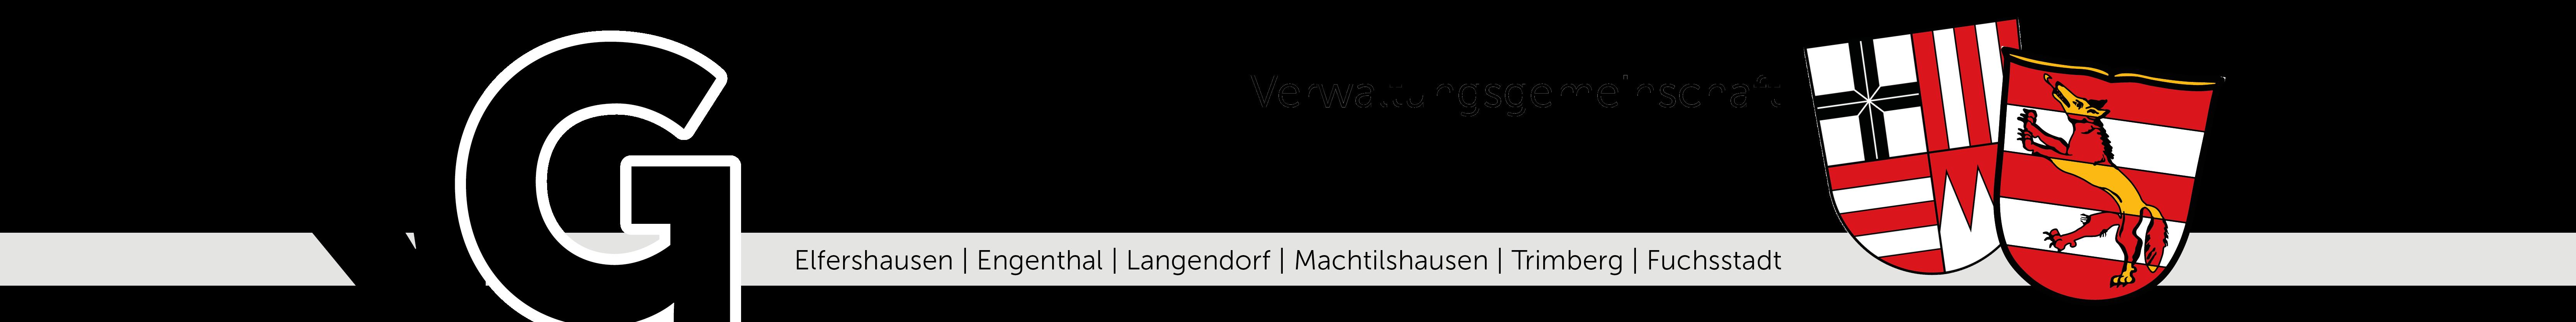 Verwaltungsgemeinschaft Elfershausen